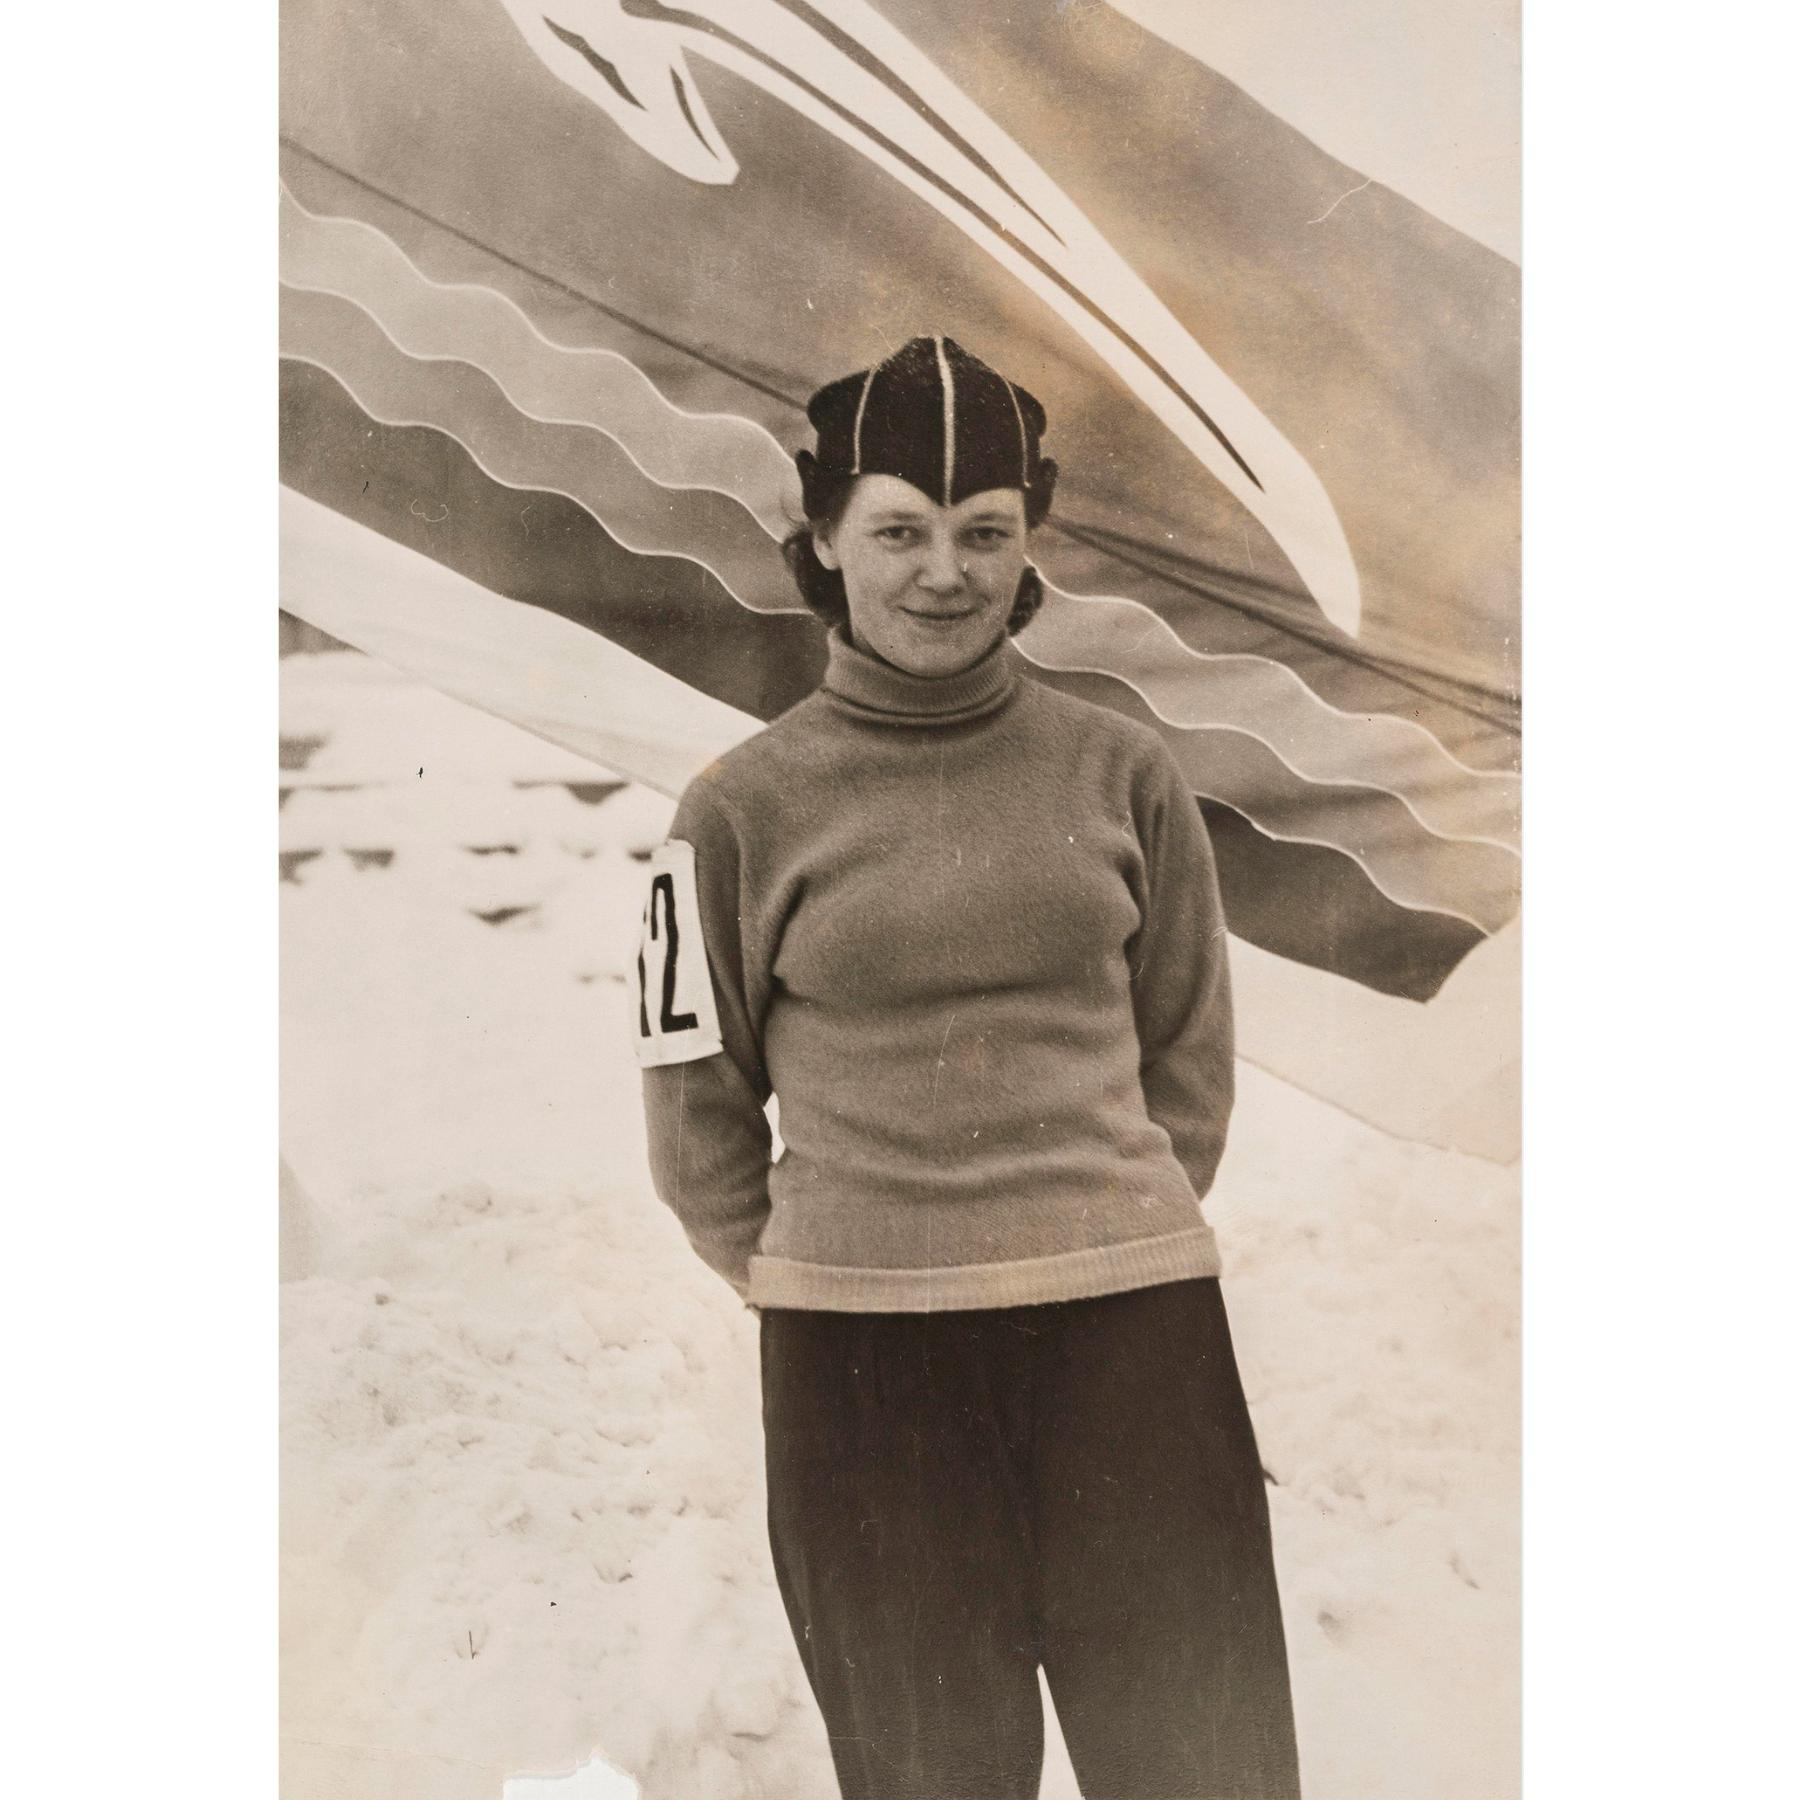 Pikaluistelukilpailun voittaja Viola uhreiluseura Burevestnikin (suom. Myrskylintu) lipun alla vuonna 1959 Jaroslavlissa. SKS KIA, Heistonen-suvun arkisto. CC BY 4.0